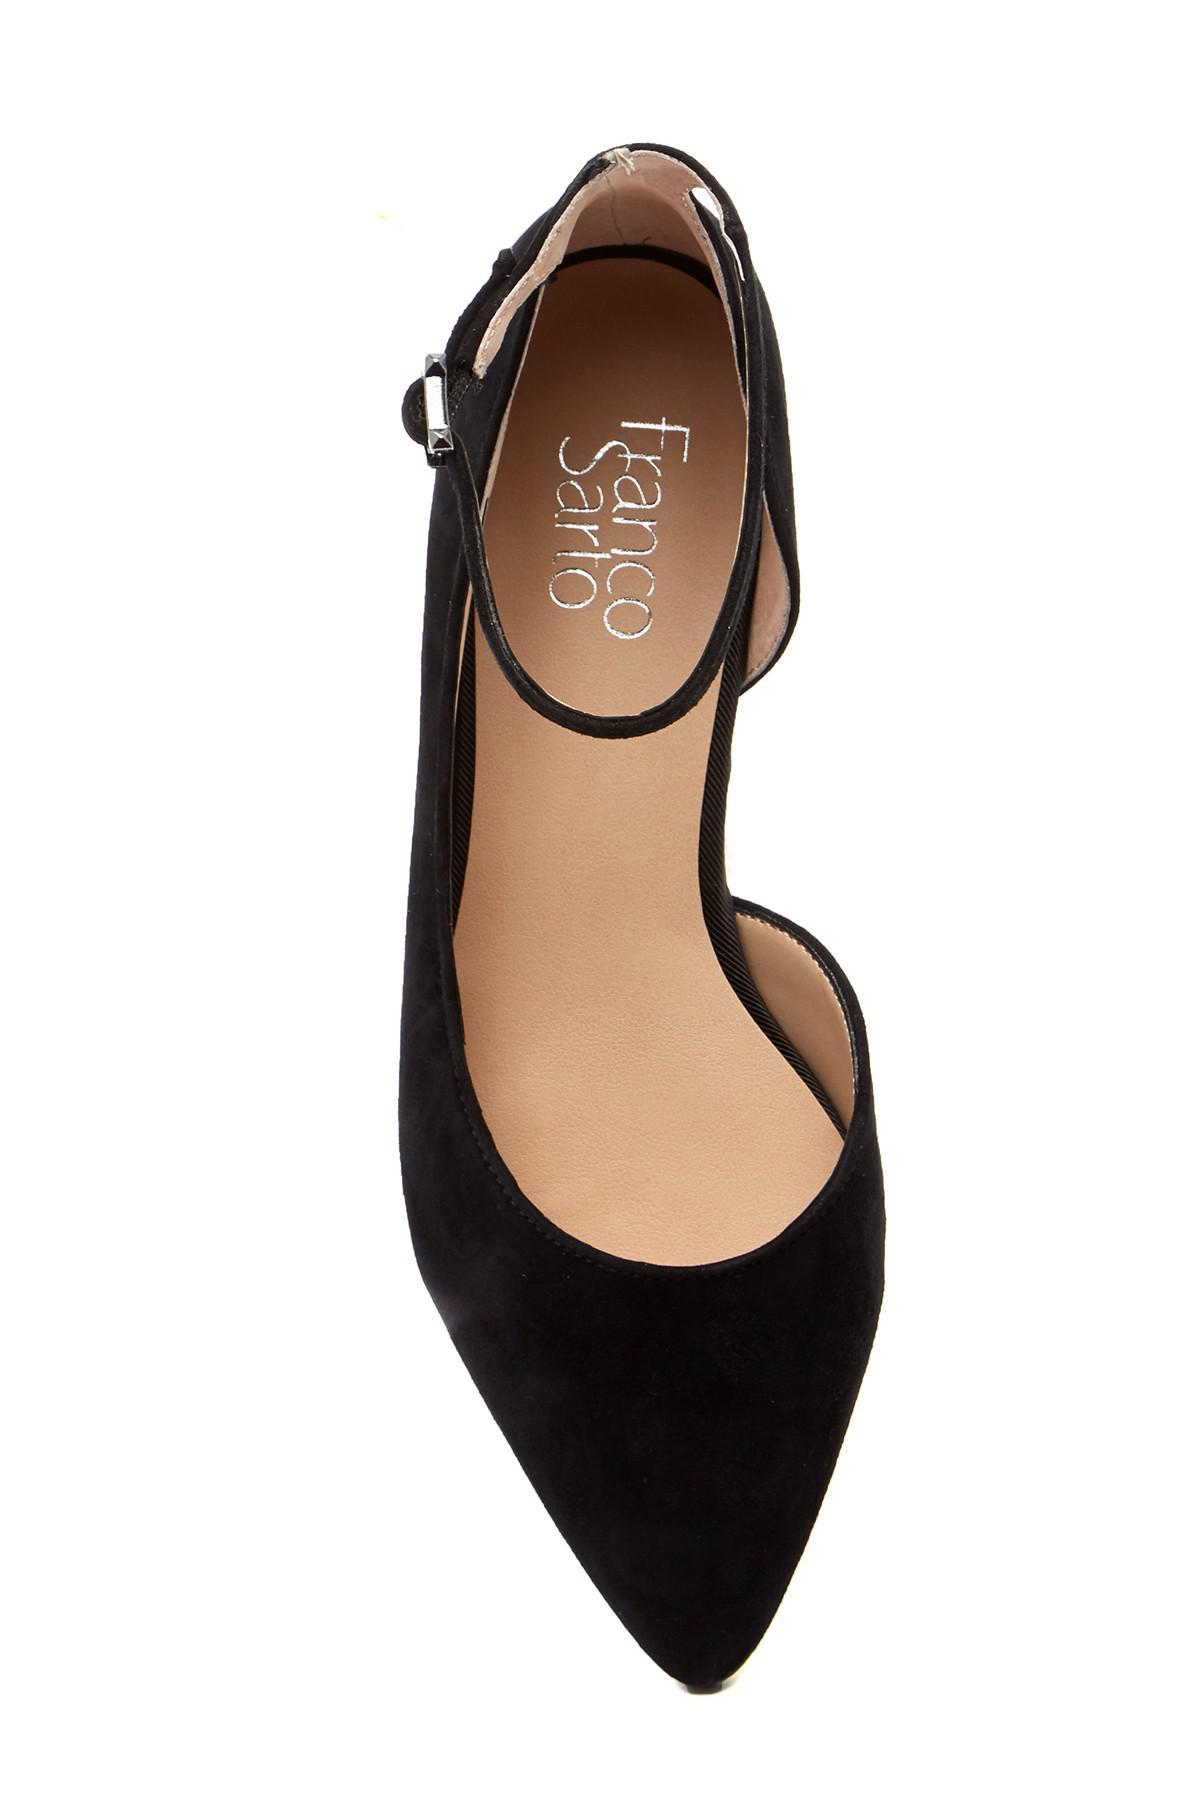 Franco Sarto Slide Leather Ankle Strap Flat gKE7YC